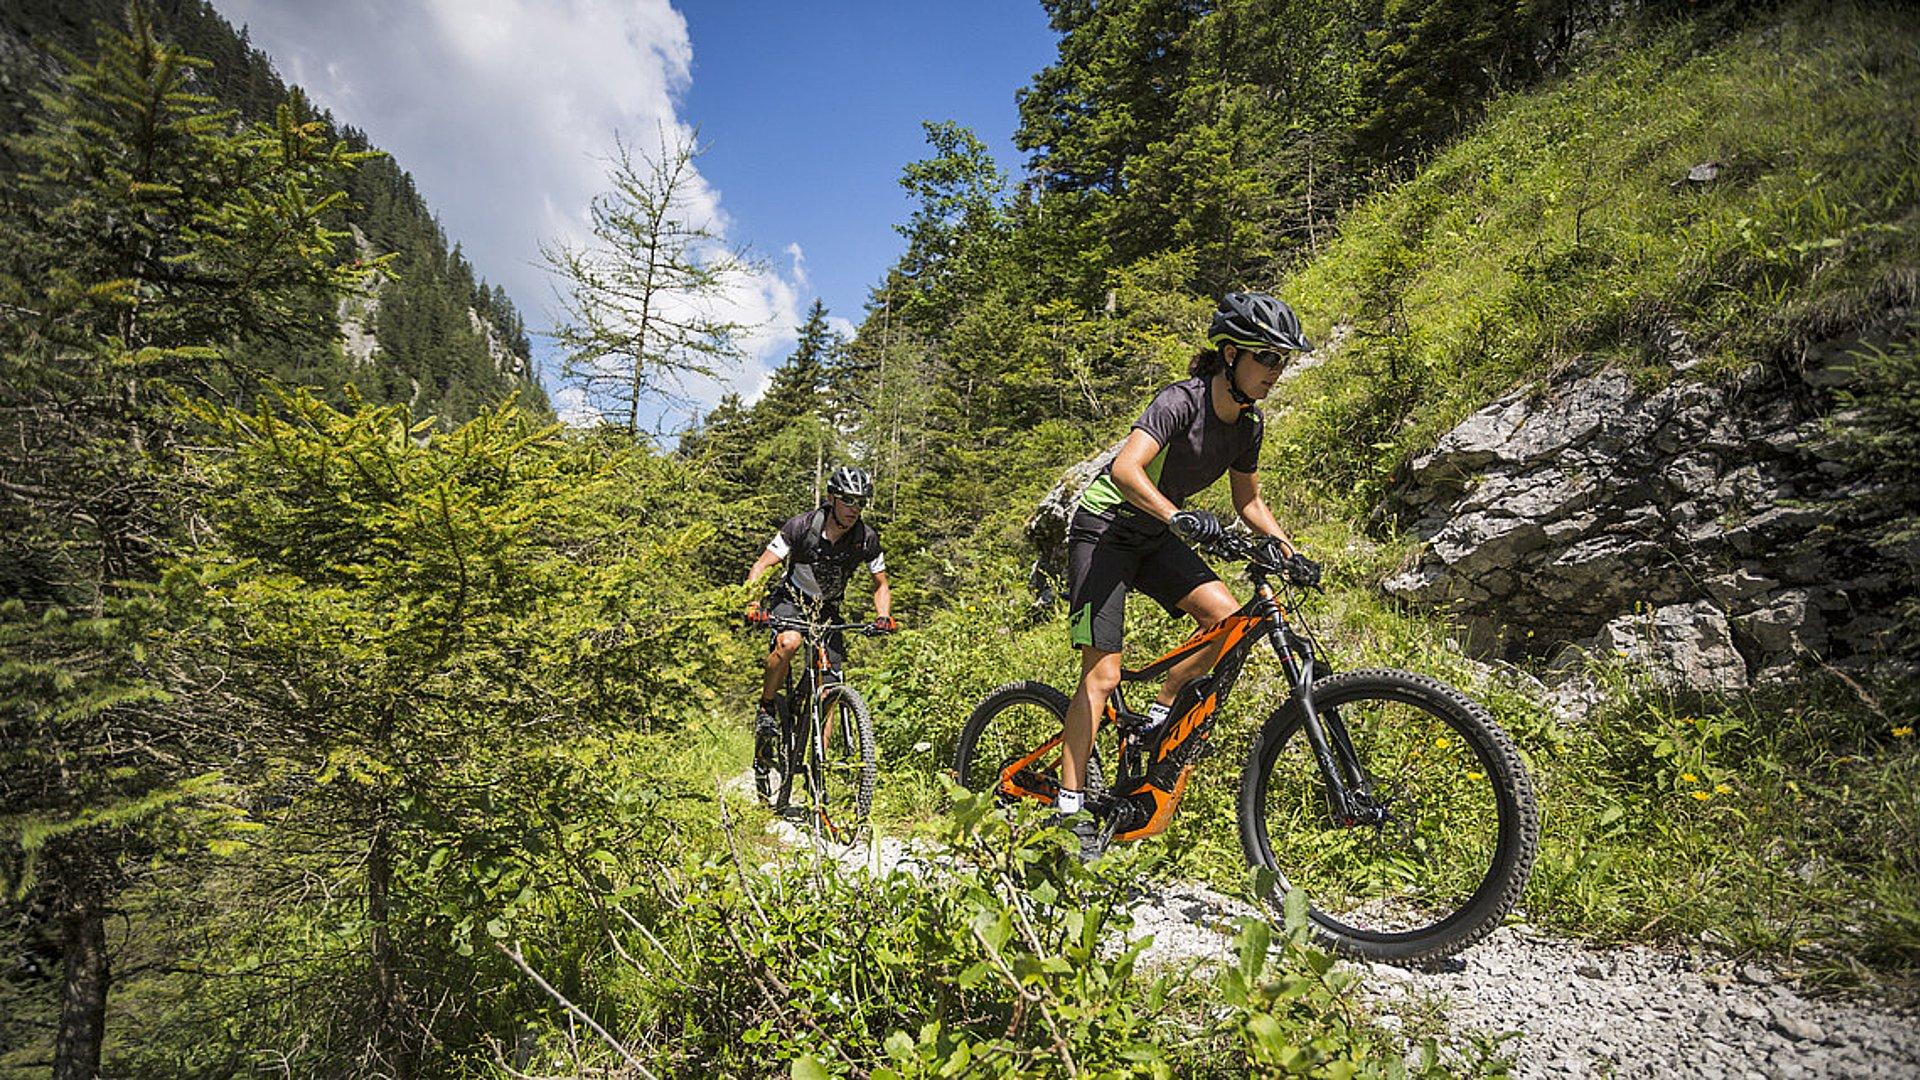 Mountain Biking - Austria! - YouTube